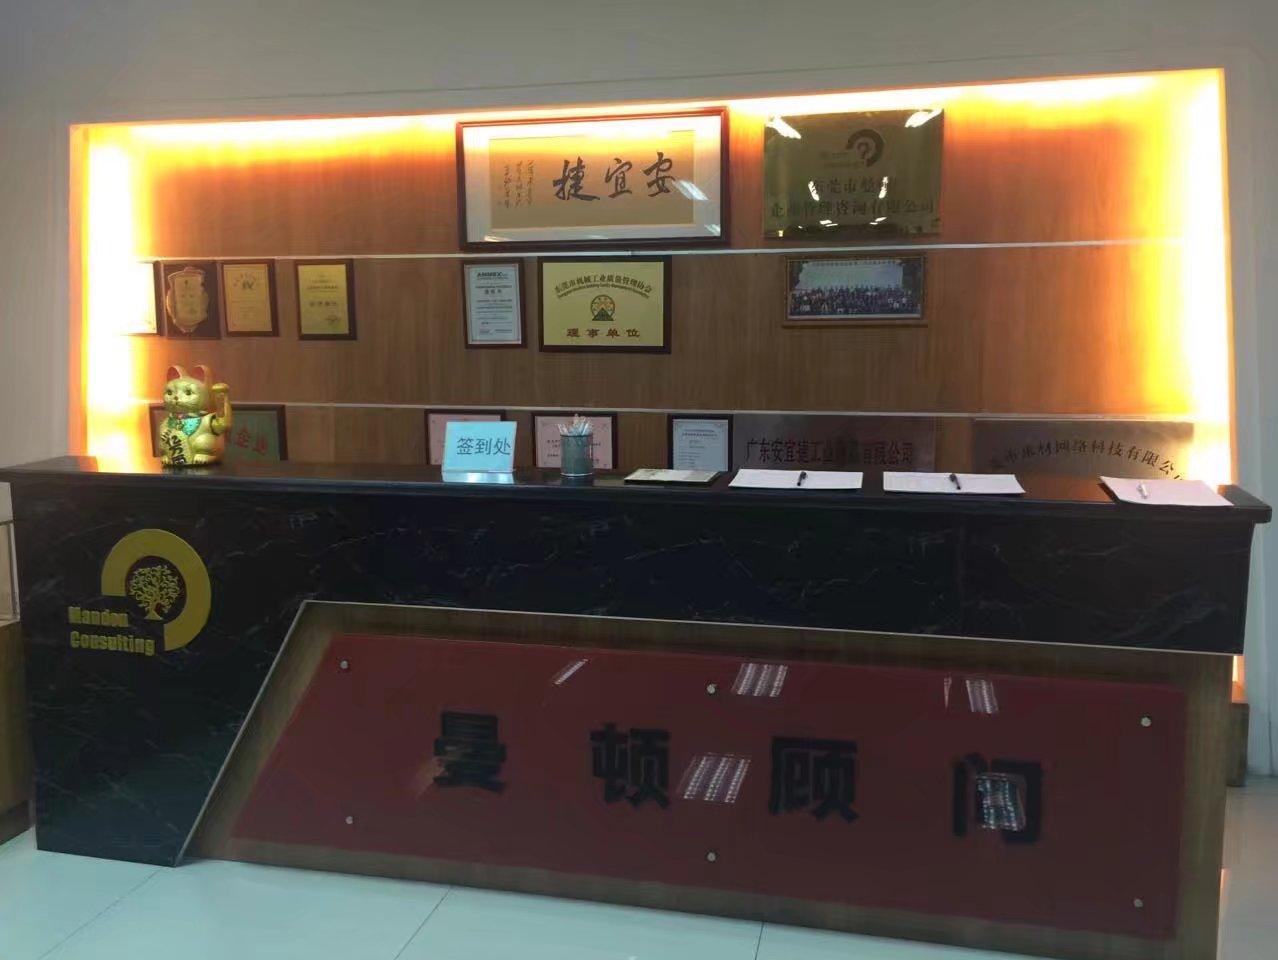 曼顿企业管理咨询有限公司广州分公司